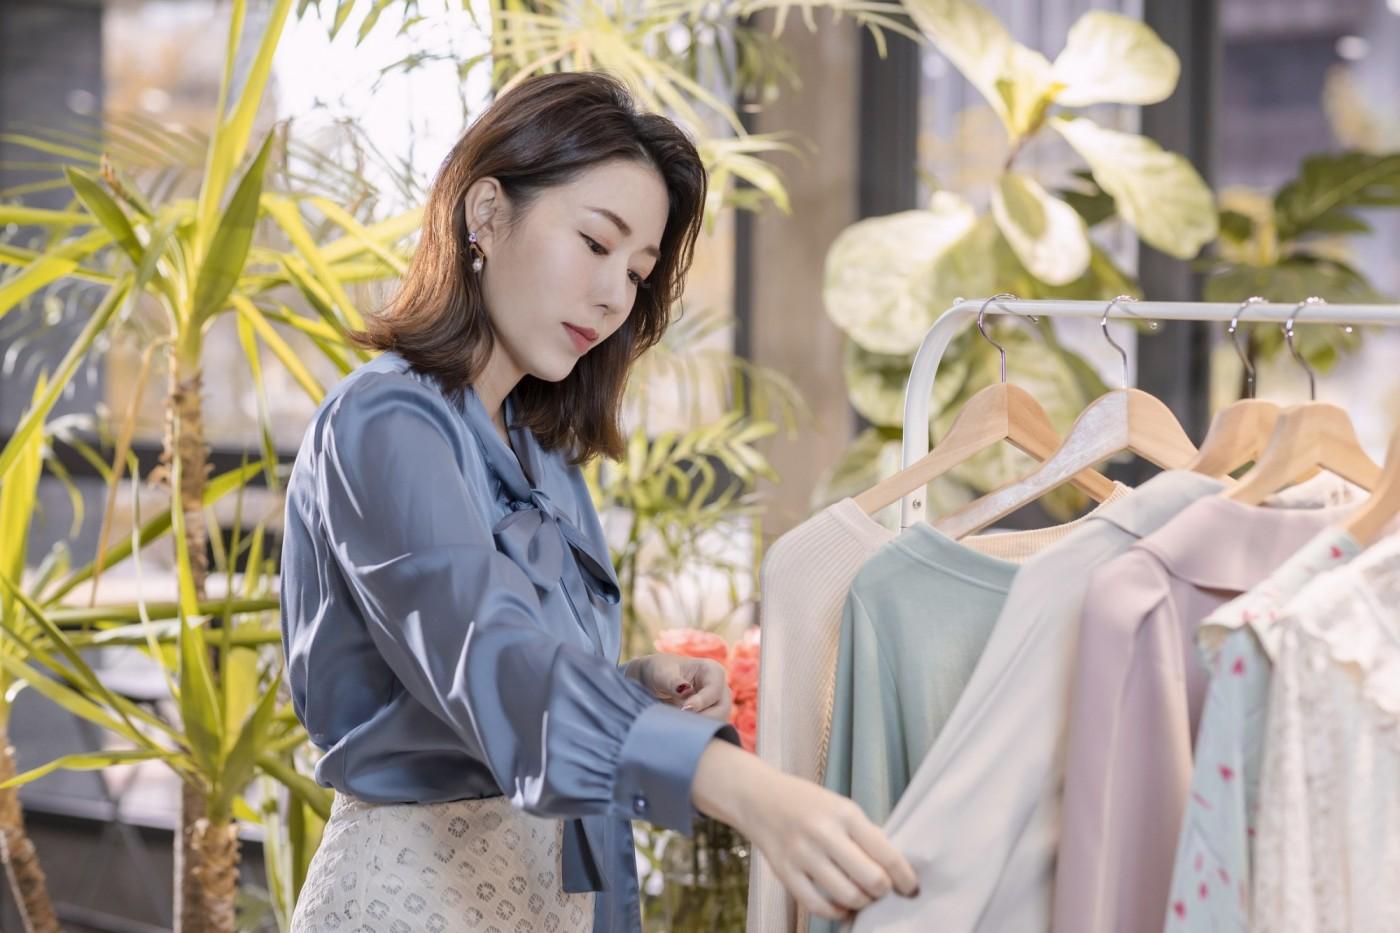 韓國疫情重創網拍服飾,電商女王周品均怎麼做到不斷貨也不漲價?